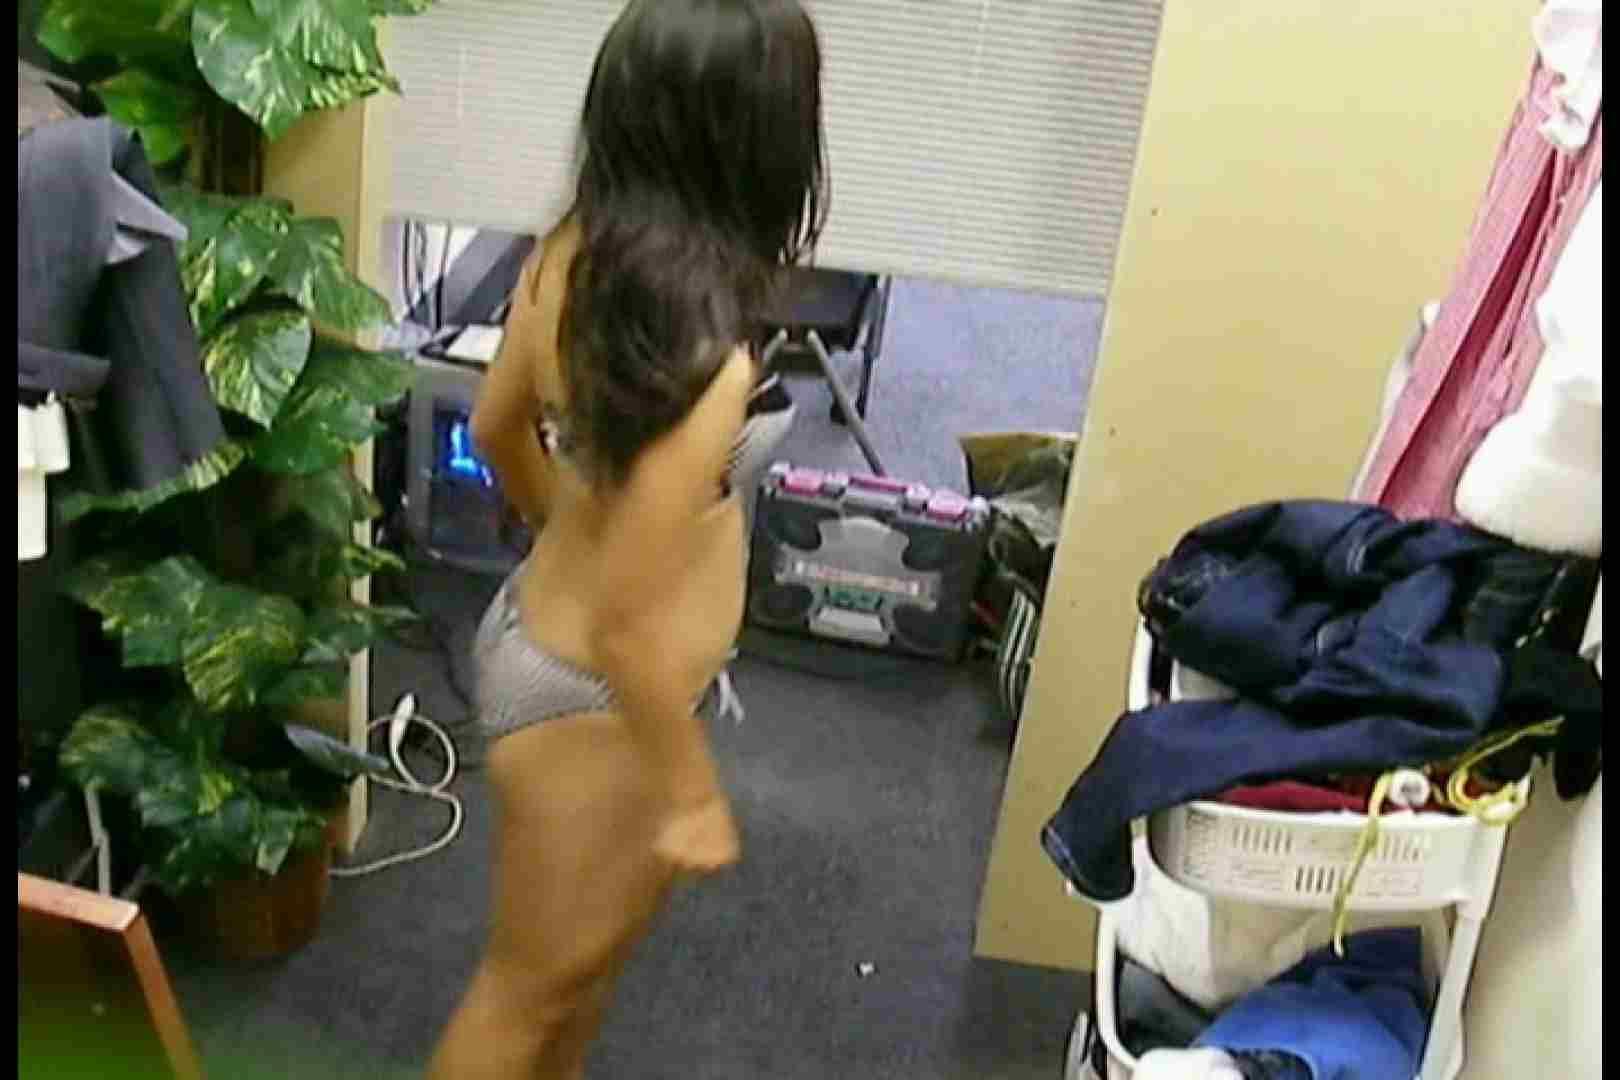 素人撮影 下着だけの撮影のはずが・・・仮名Z子ちゃん 着替え ワレメ無修正動画無料 106pic 45